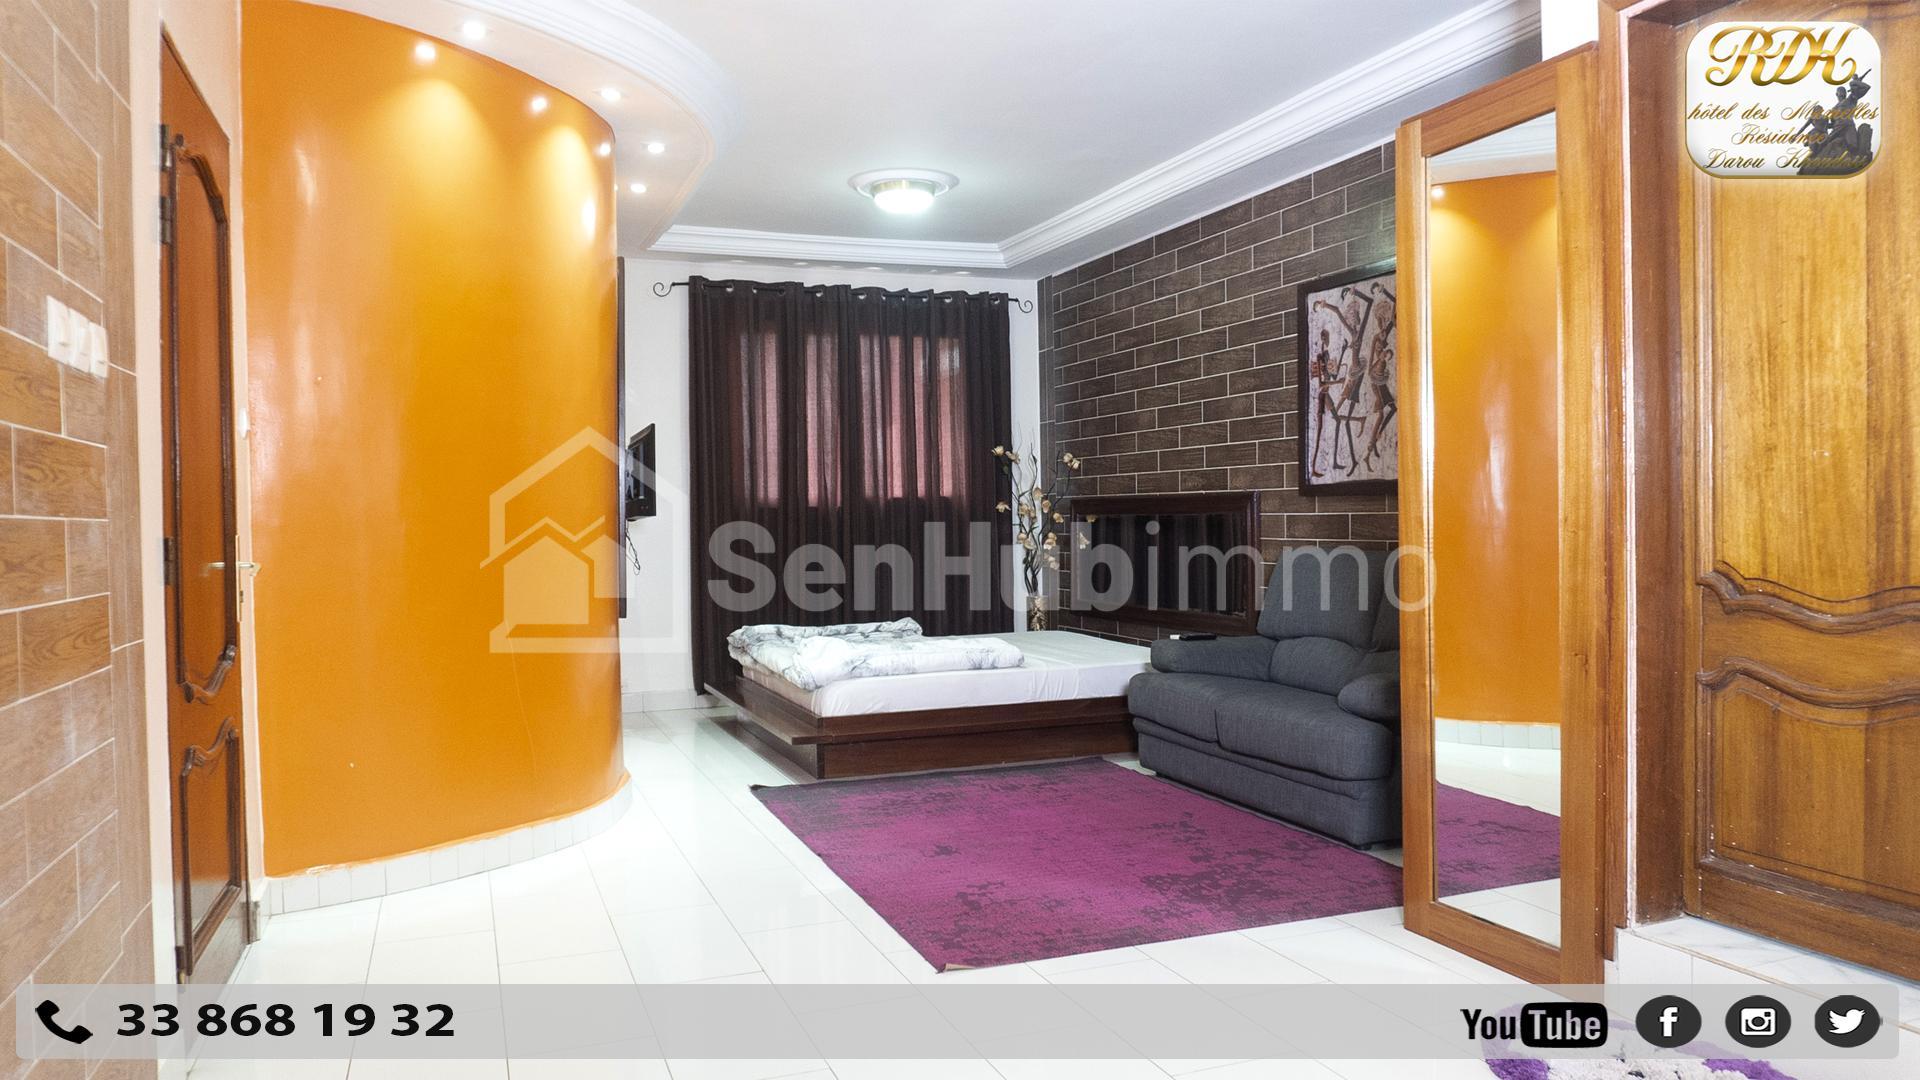 Location de mini-suites - SenhubImmo.com